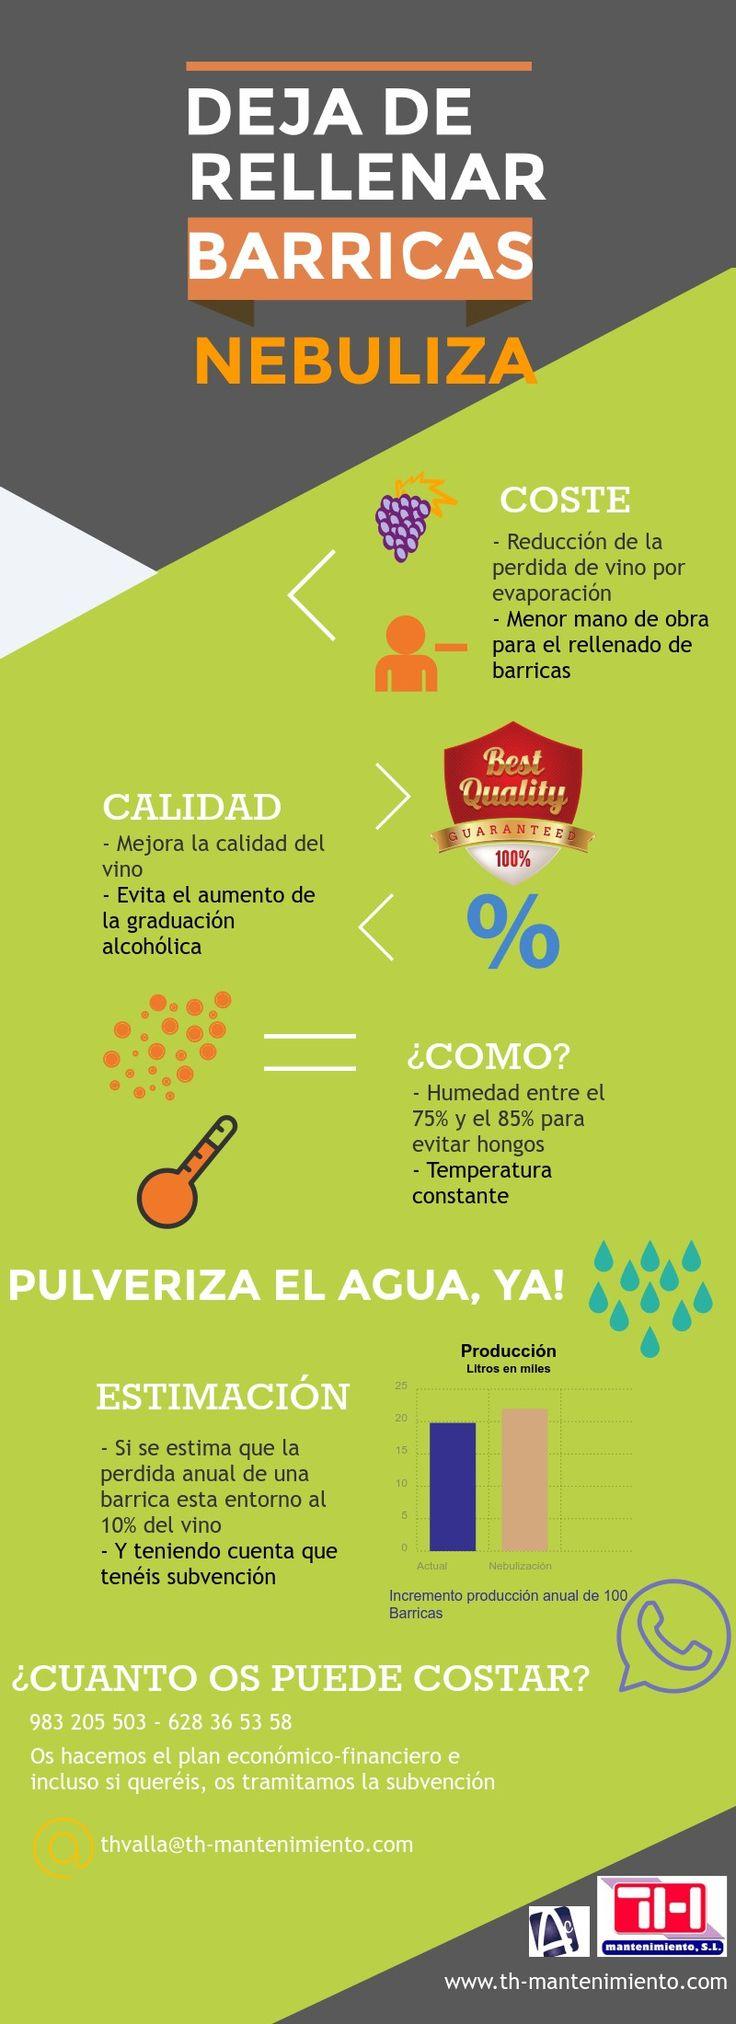 Reduce costes y mejora calidad, #nebuliza tu parque de #barricas #bodegas #hoteles #enólogo #enología #industria